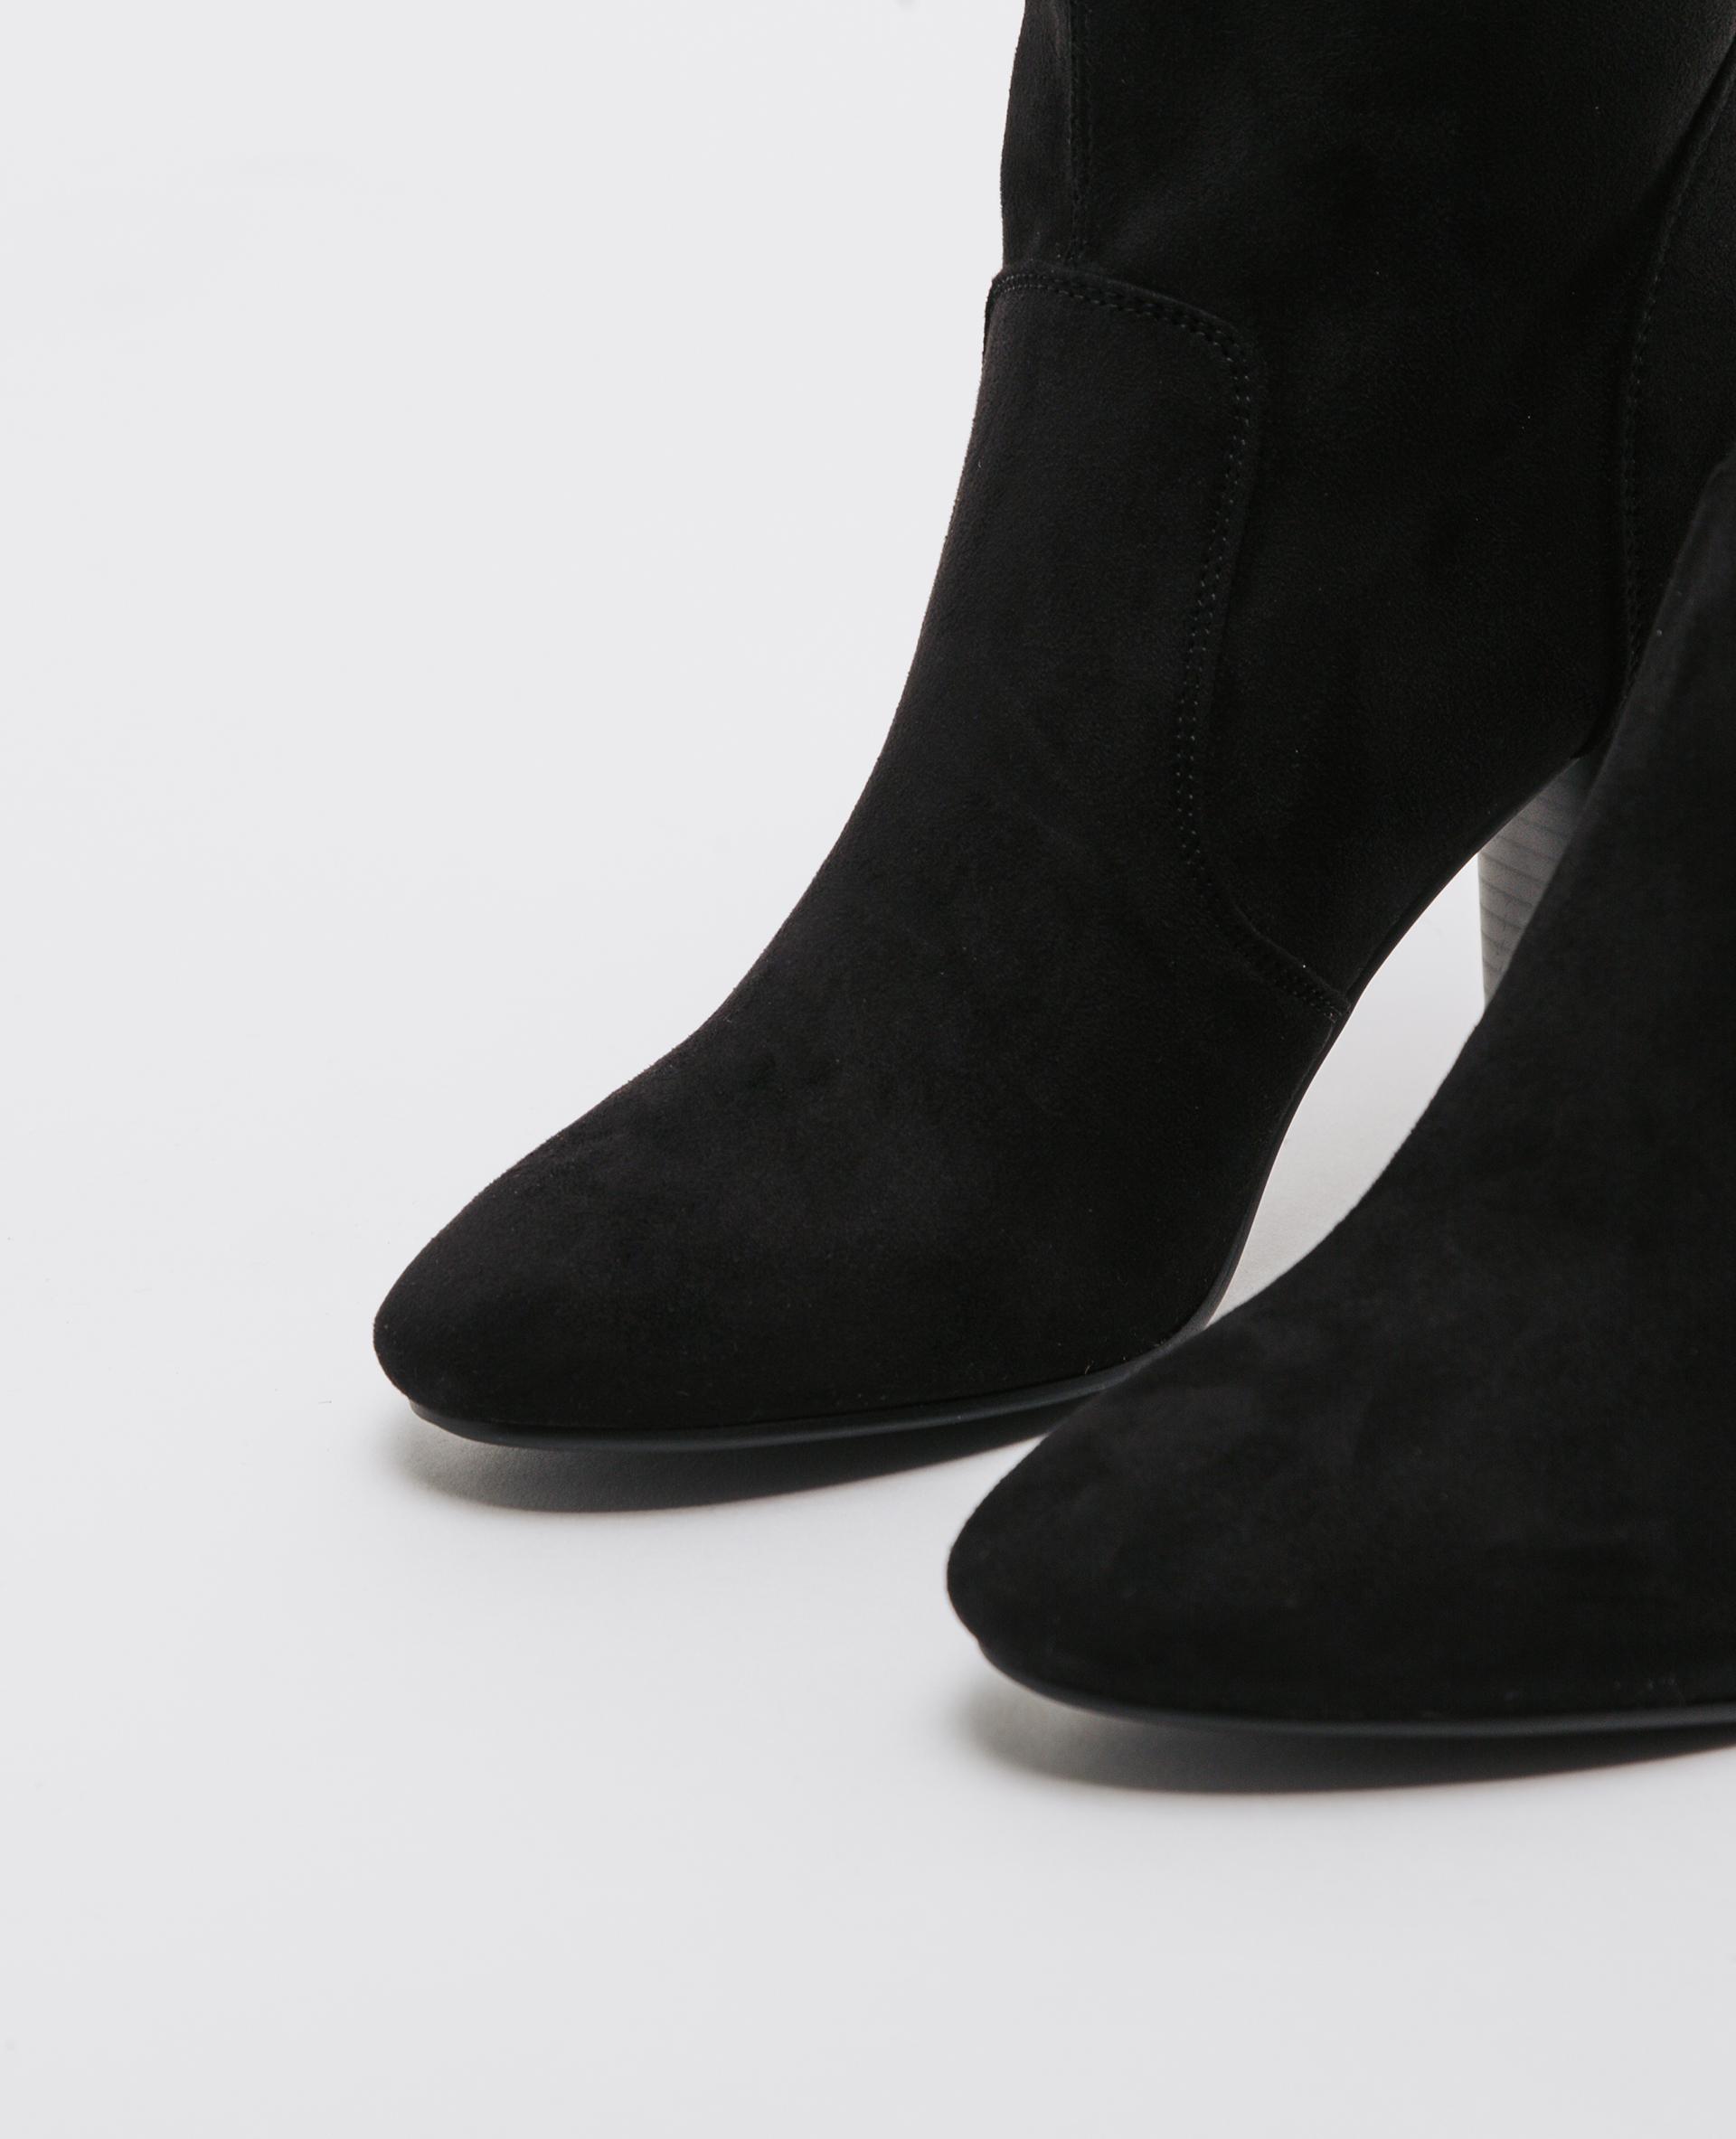 Boots talons hauts noir - Pimkie